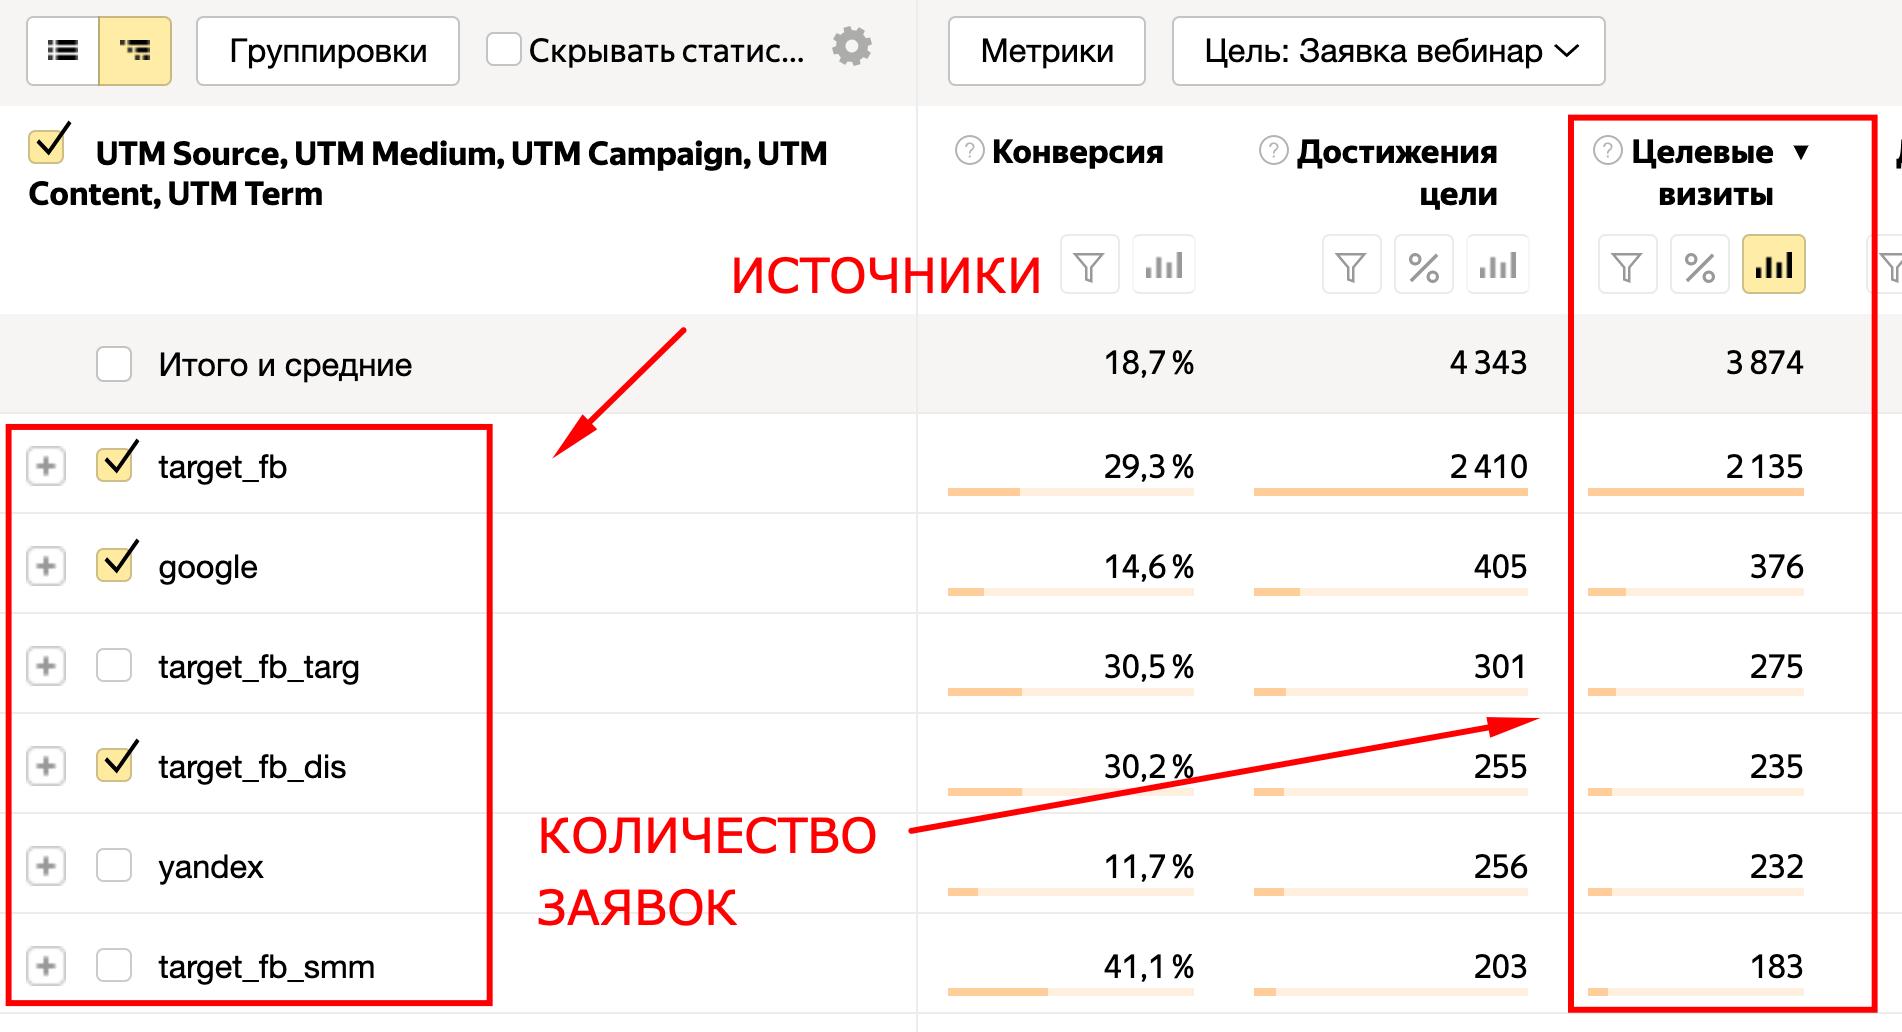 Данные по utm-меткам в Яндекс Метрике